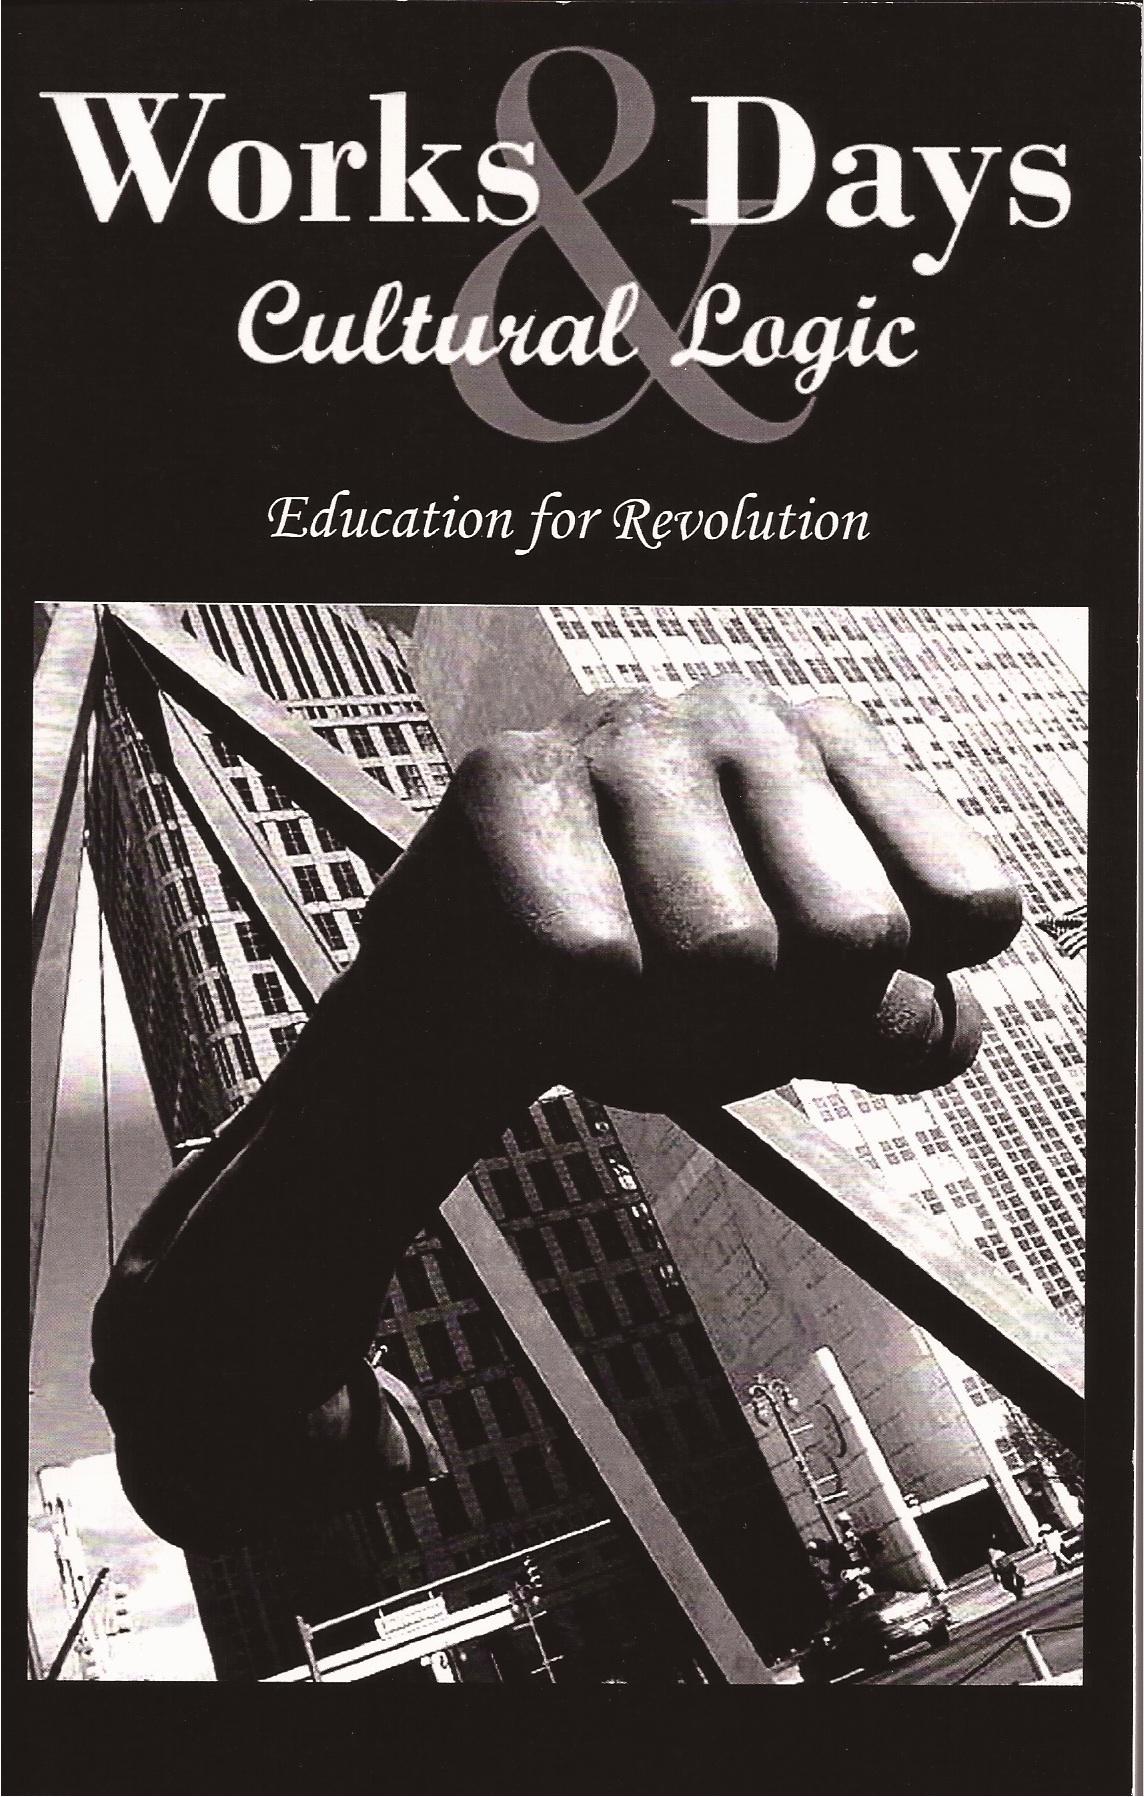 Works & Days / Cultural Logic: Education for Revolution